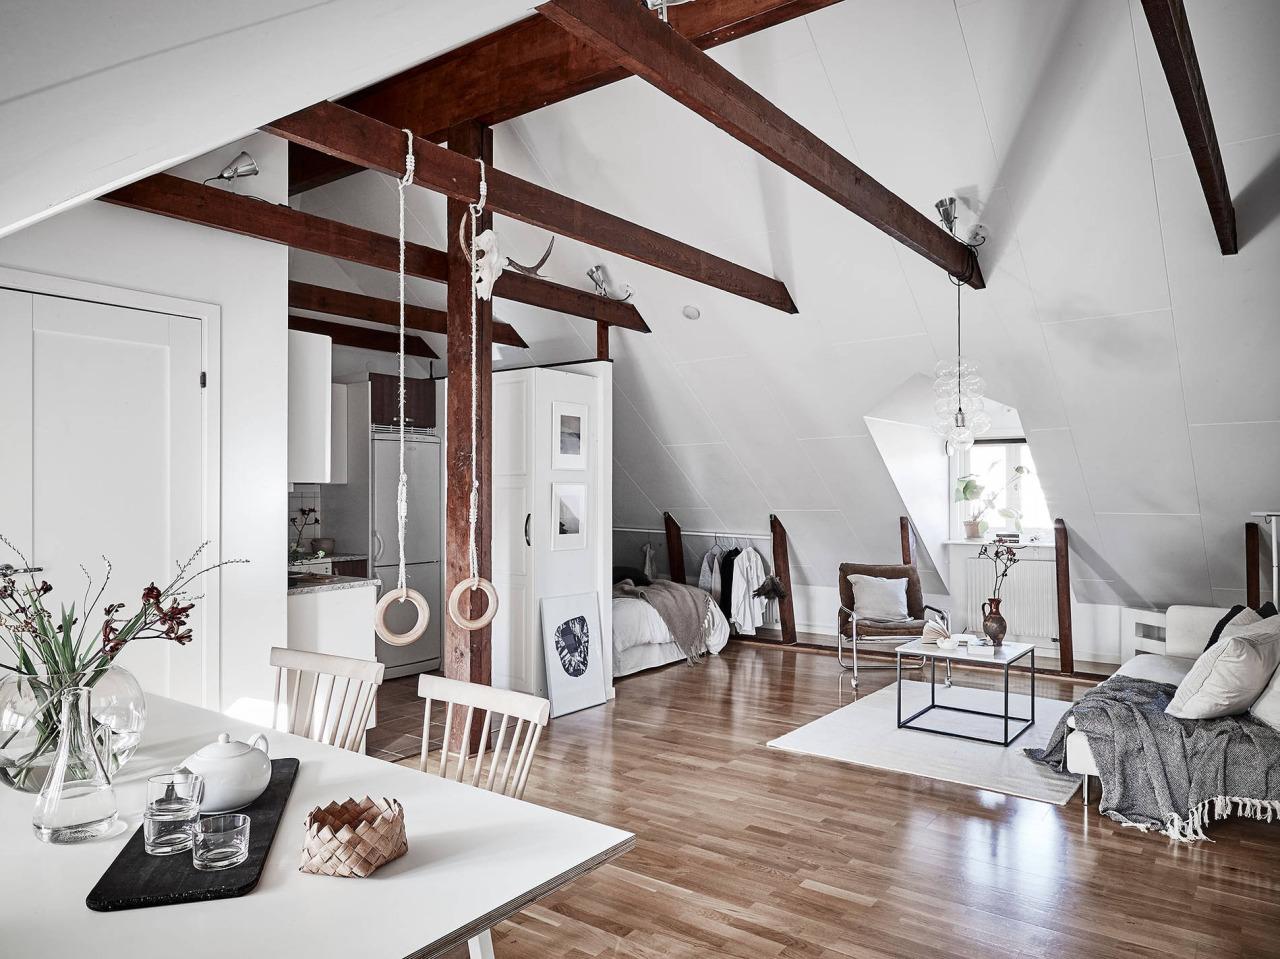 Dreamy Scandinavian Attic Studio Daily Dream Decor